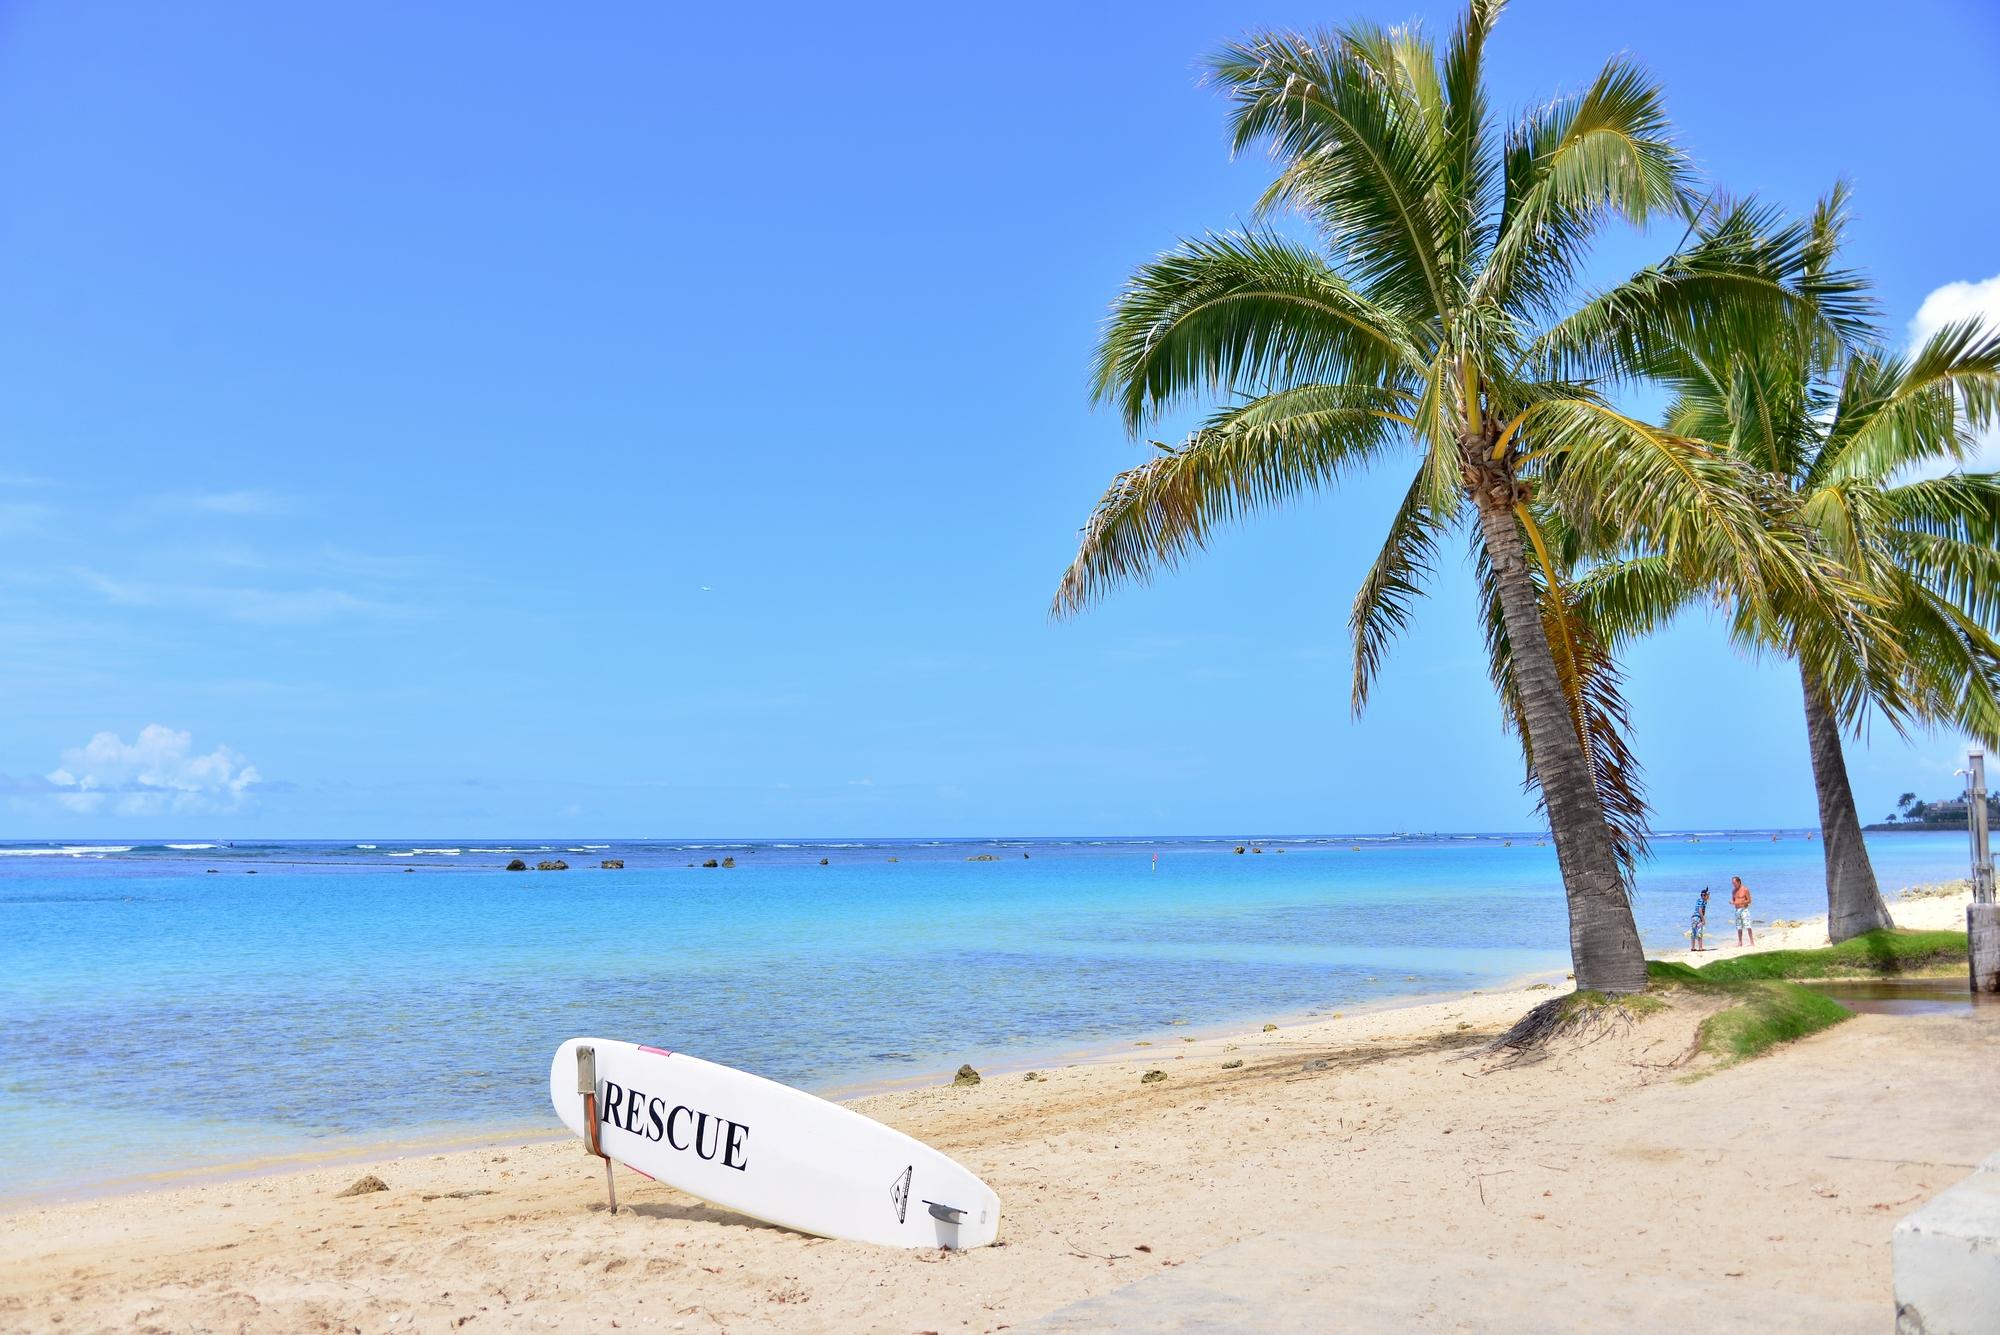 ハワイで人気な定番おみやげを10個厳選!食べ物と雑貨を特集♪